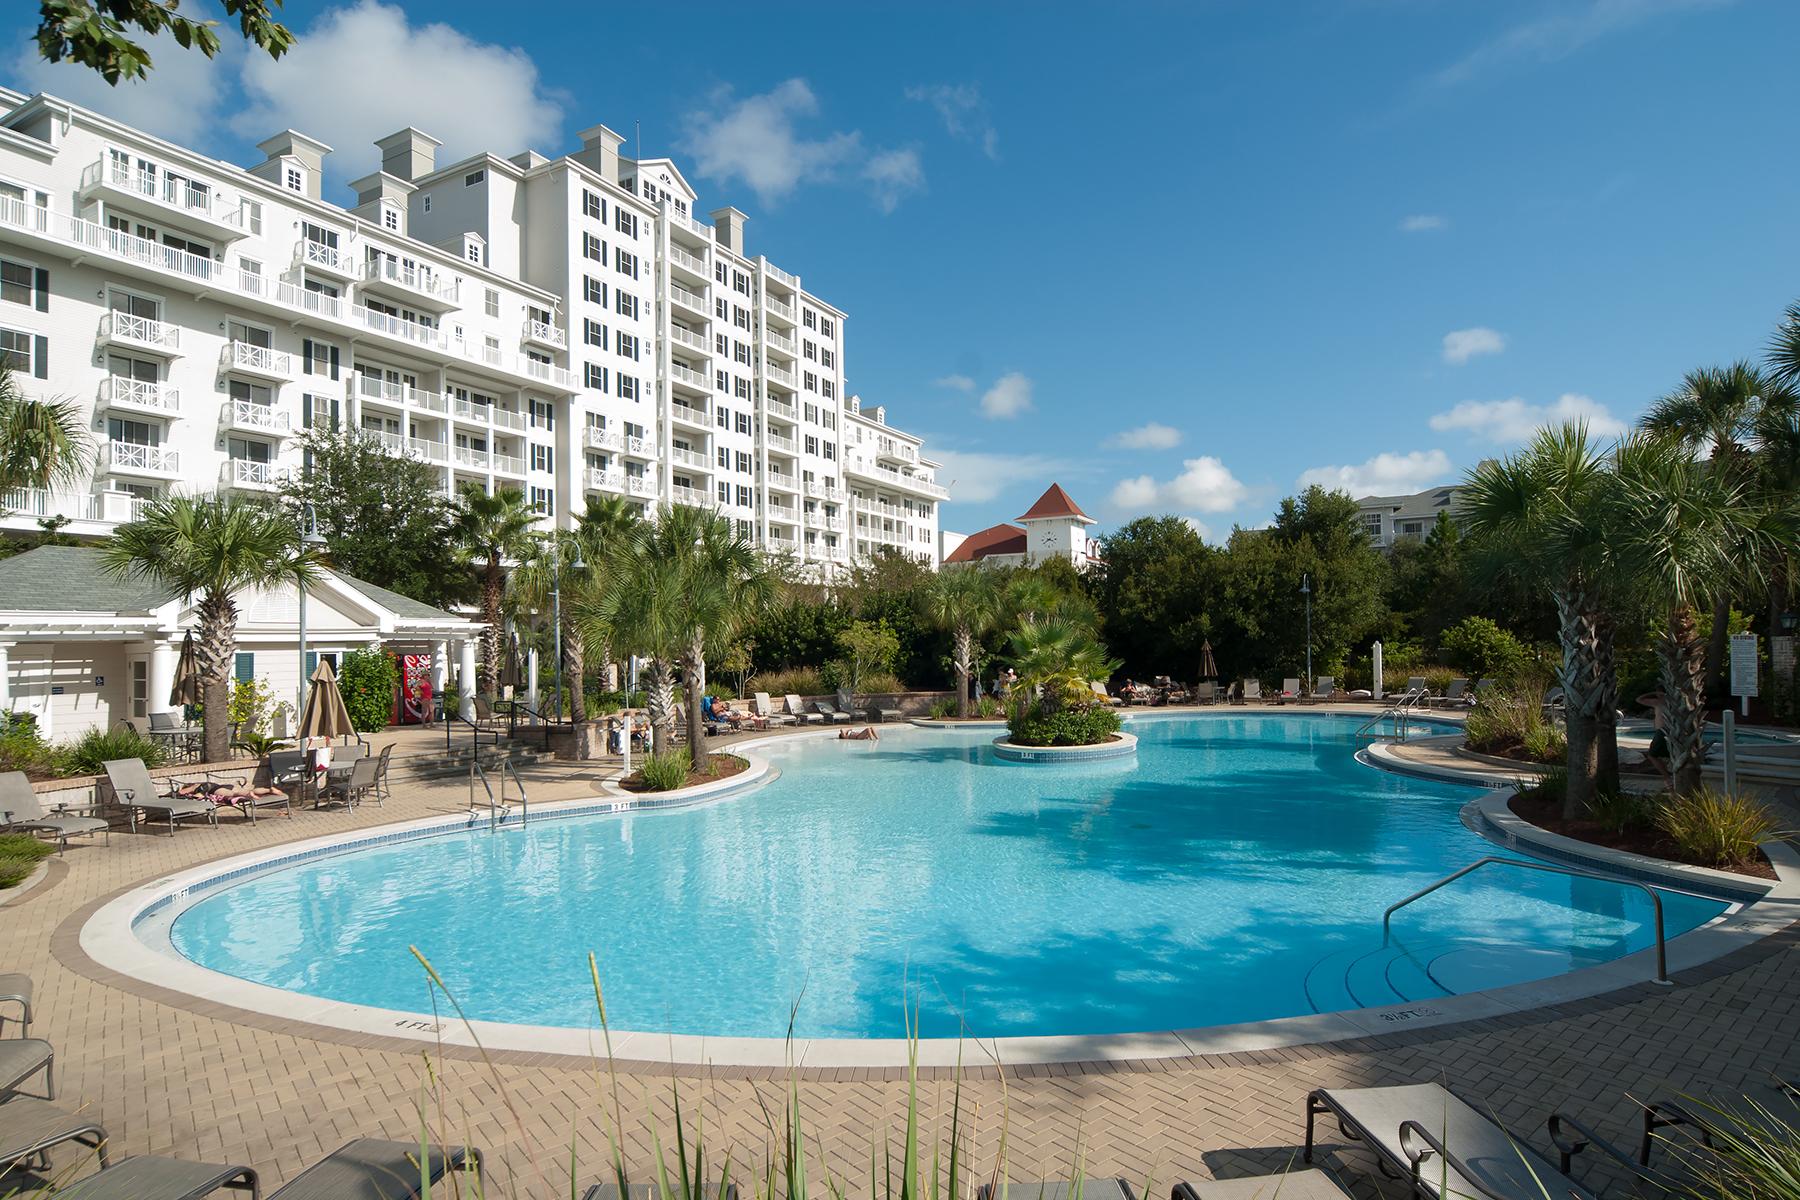 Condomínio para Venda às PENTHOUSE LEVEL LOCKOUT IN TURNKEY CONDITION 9600 Grand Sandestin Boulevard 3507 Miramar Beach, Florida, 32550 Estados Unidos